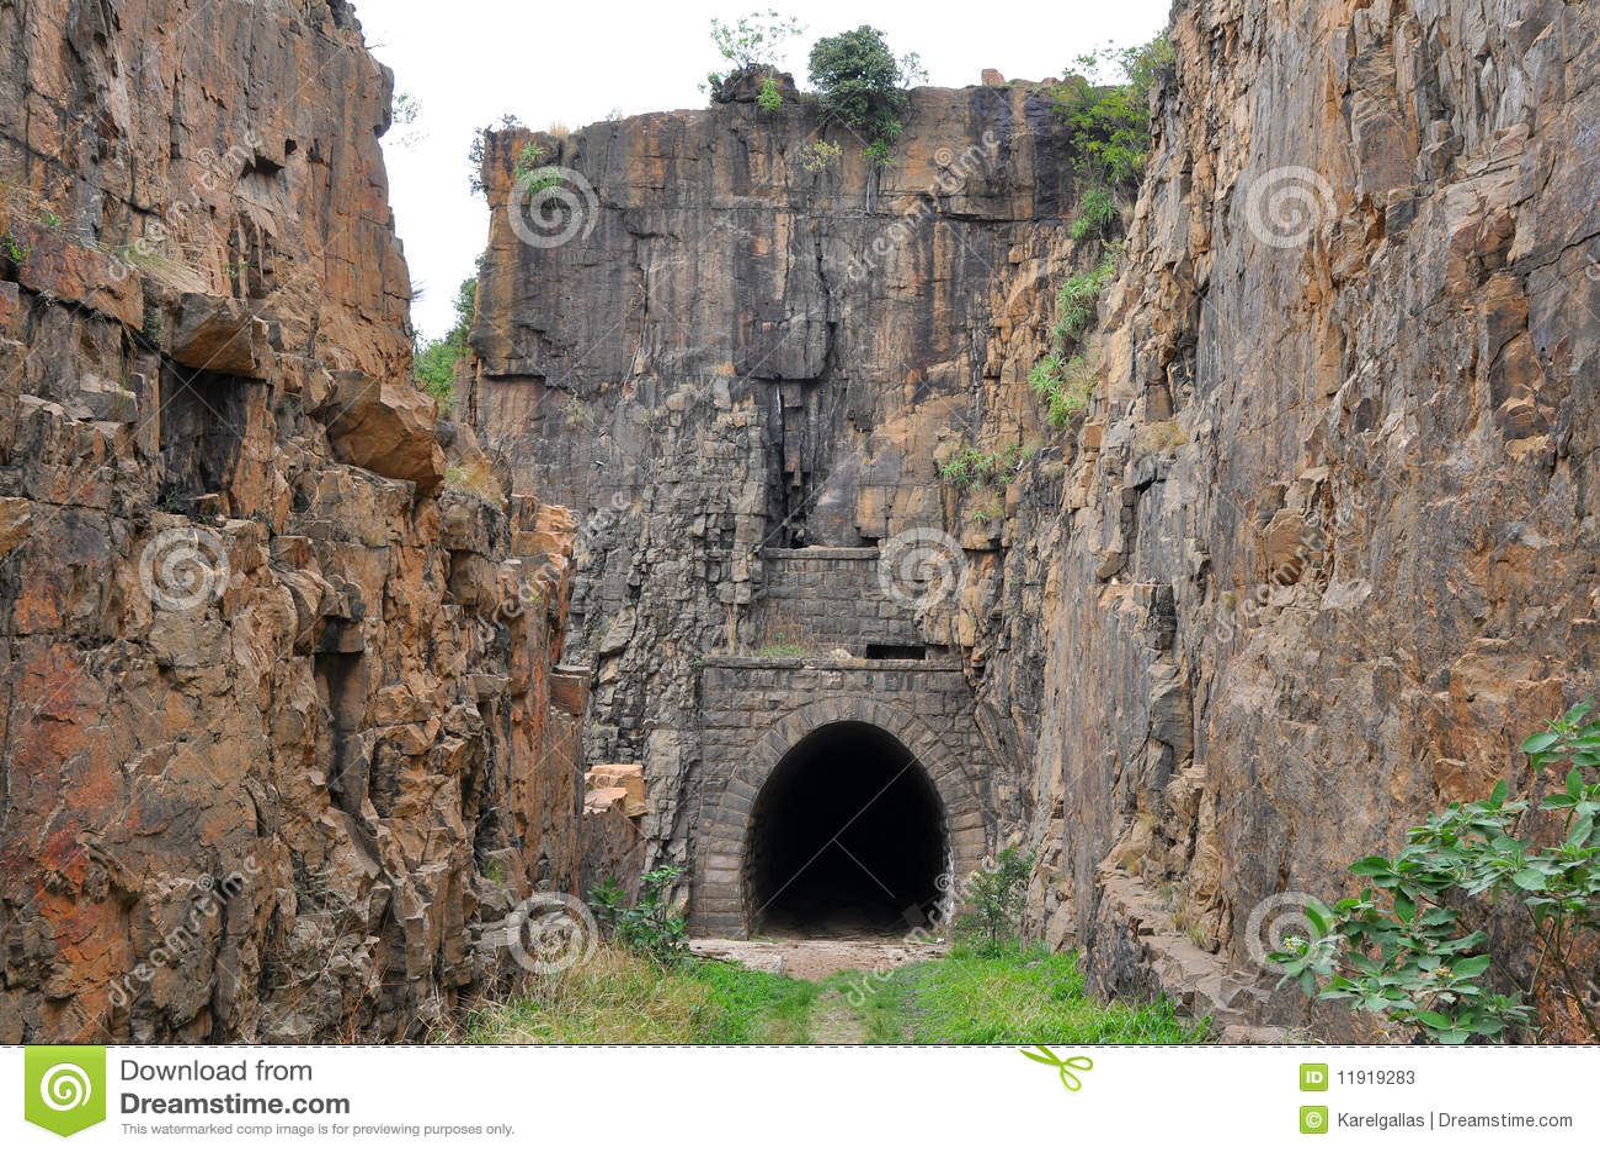 Historische gezichtsNZASM tunnel, Zuid-Afrika